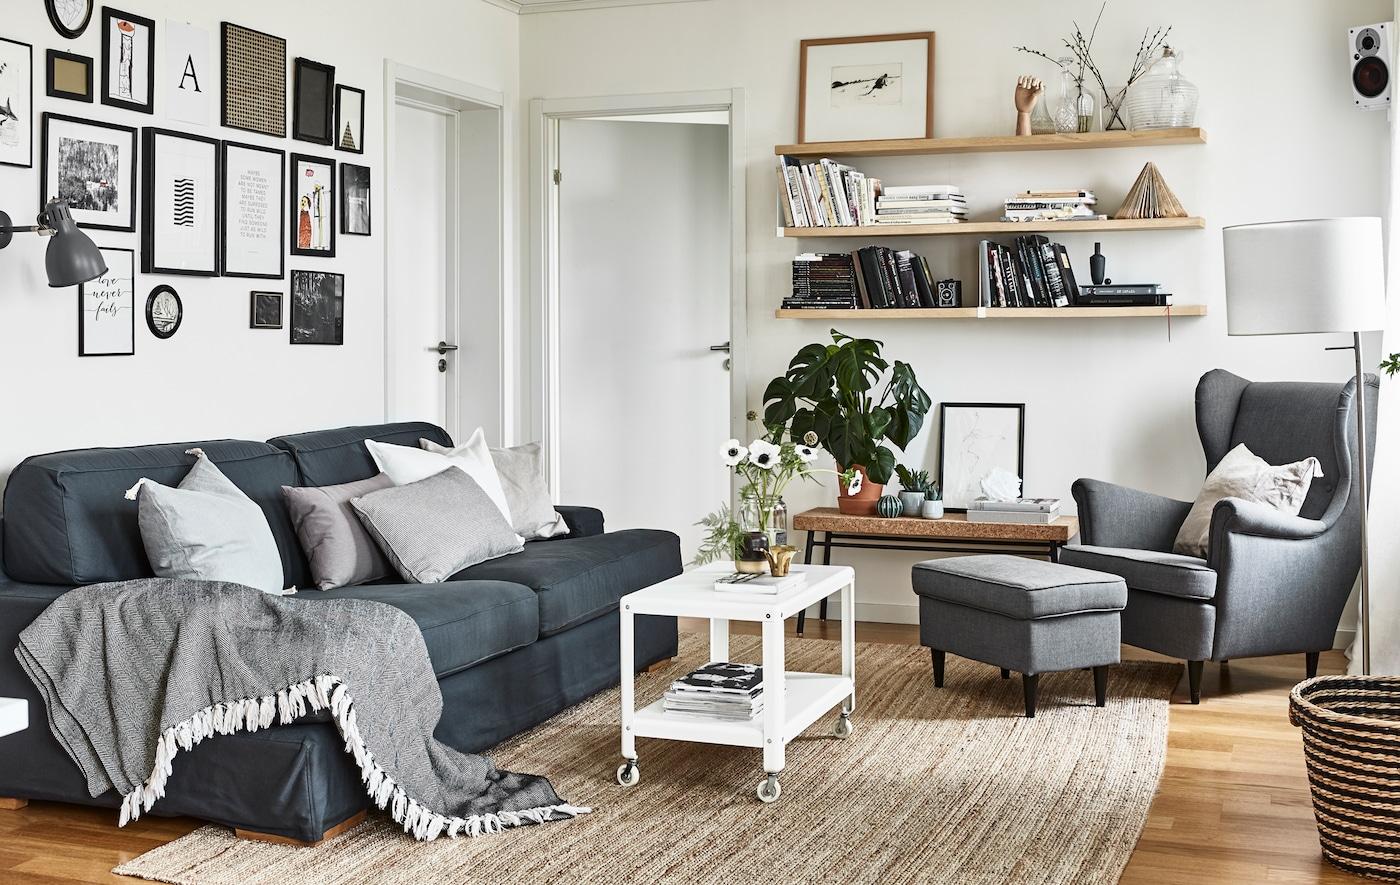 Billede af en stue indrettet i neutrale farver, komplet med sofa, lænestol og hylder.